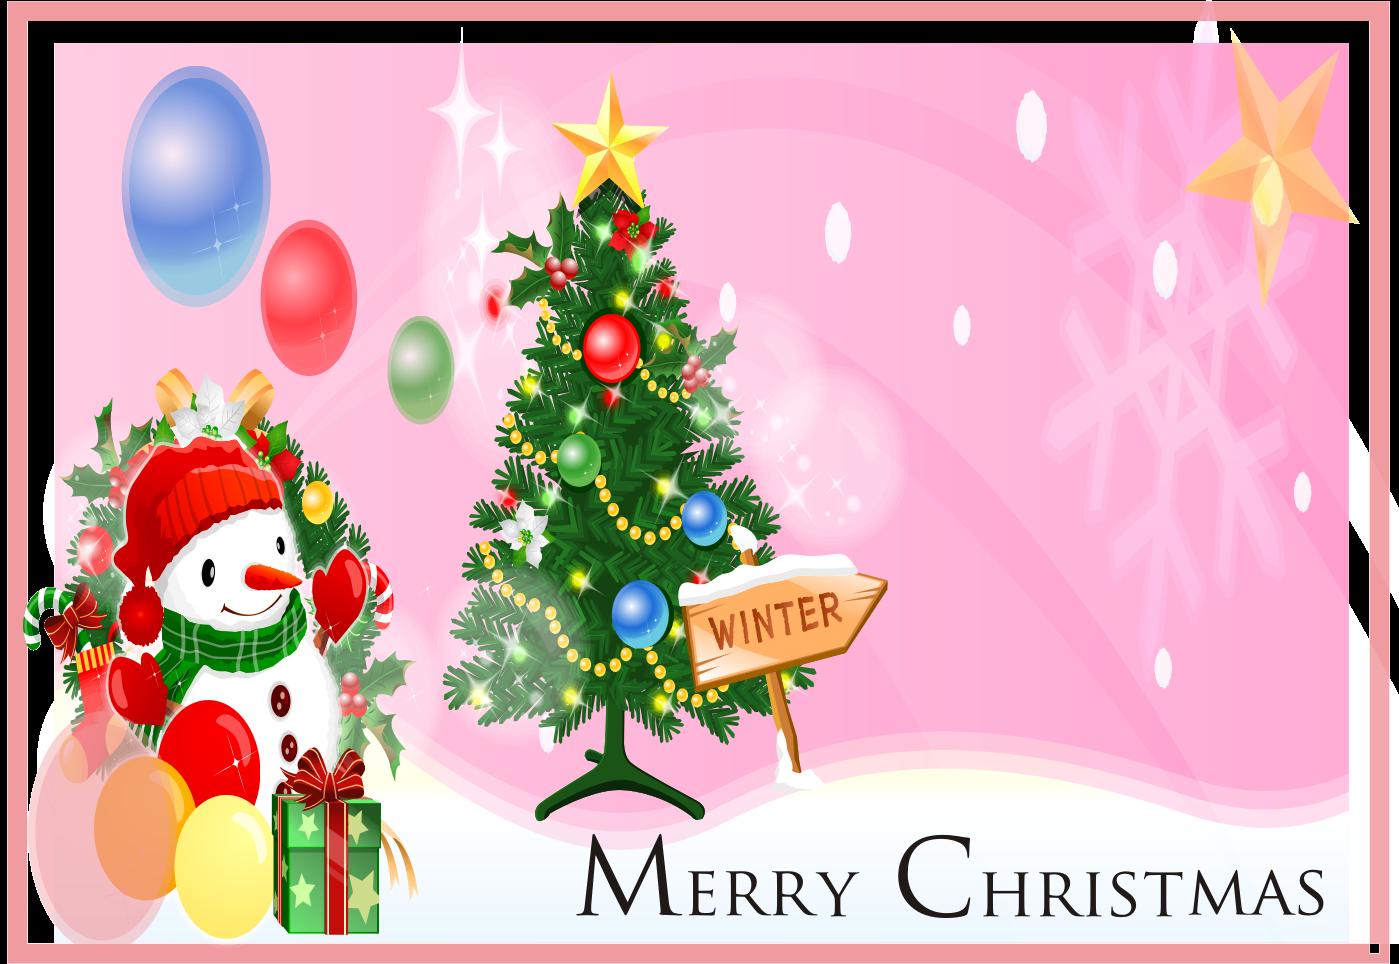 Download Kartu Natal 2017 Cdr Tema Pink Snow Kartu Natal Selamat Natal Hari Natal